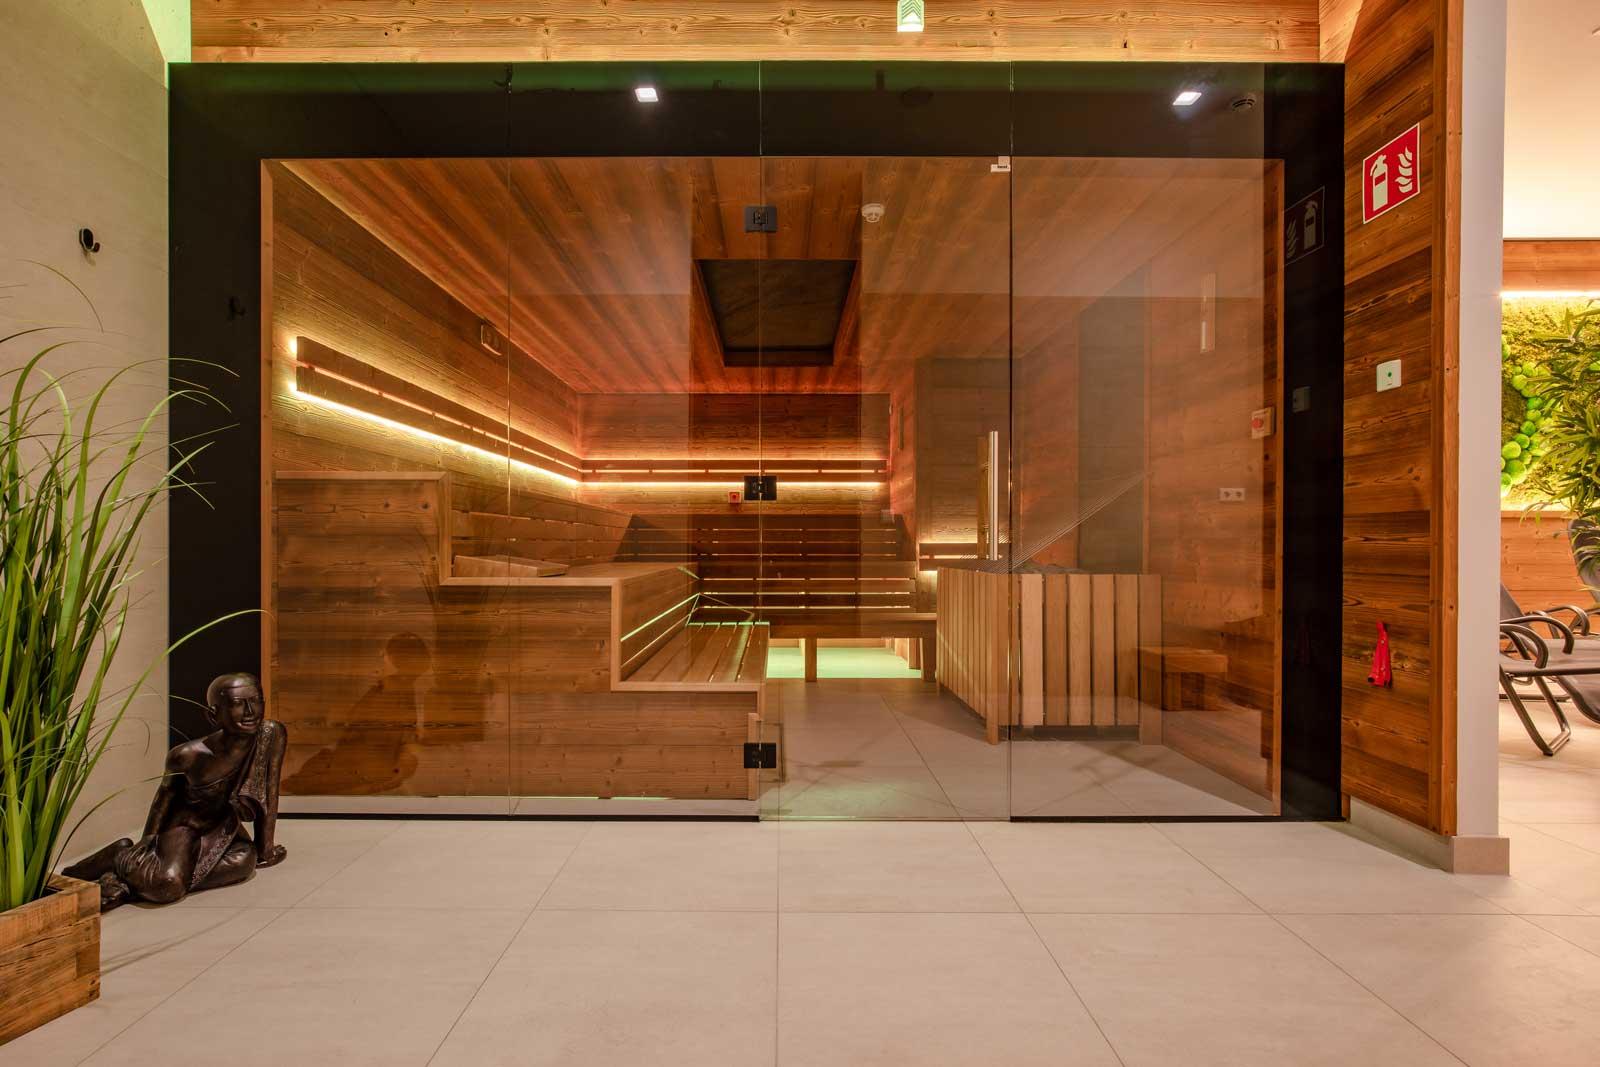 Die richtige Stimmung: So wirken Farben in der Sauna